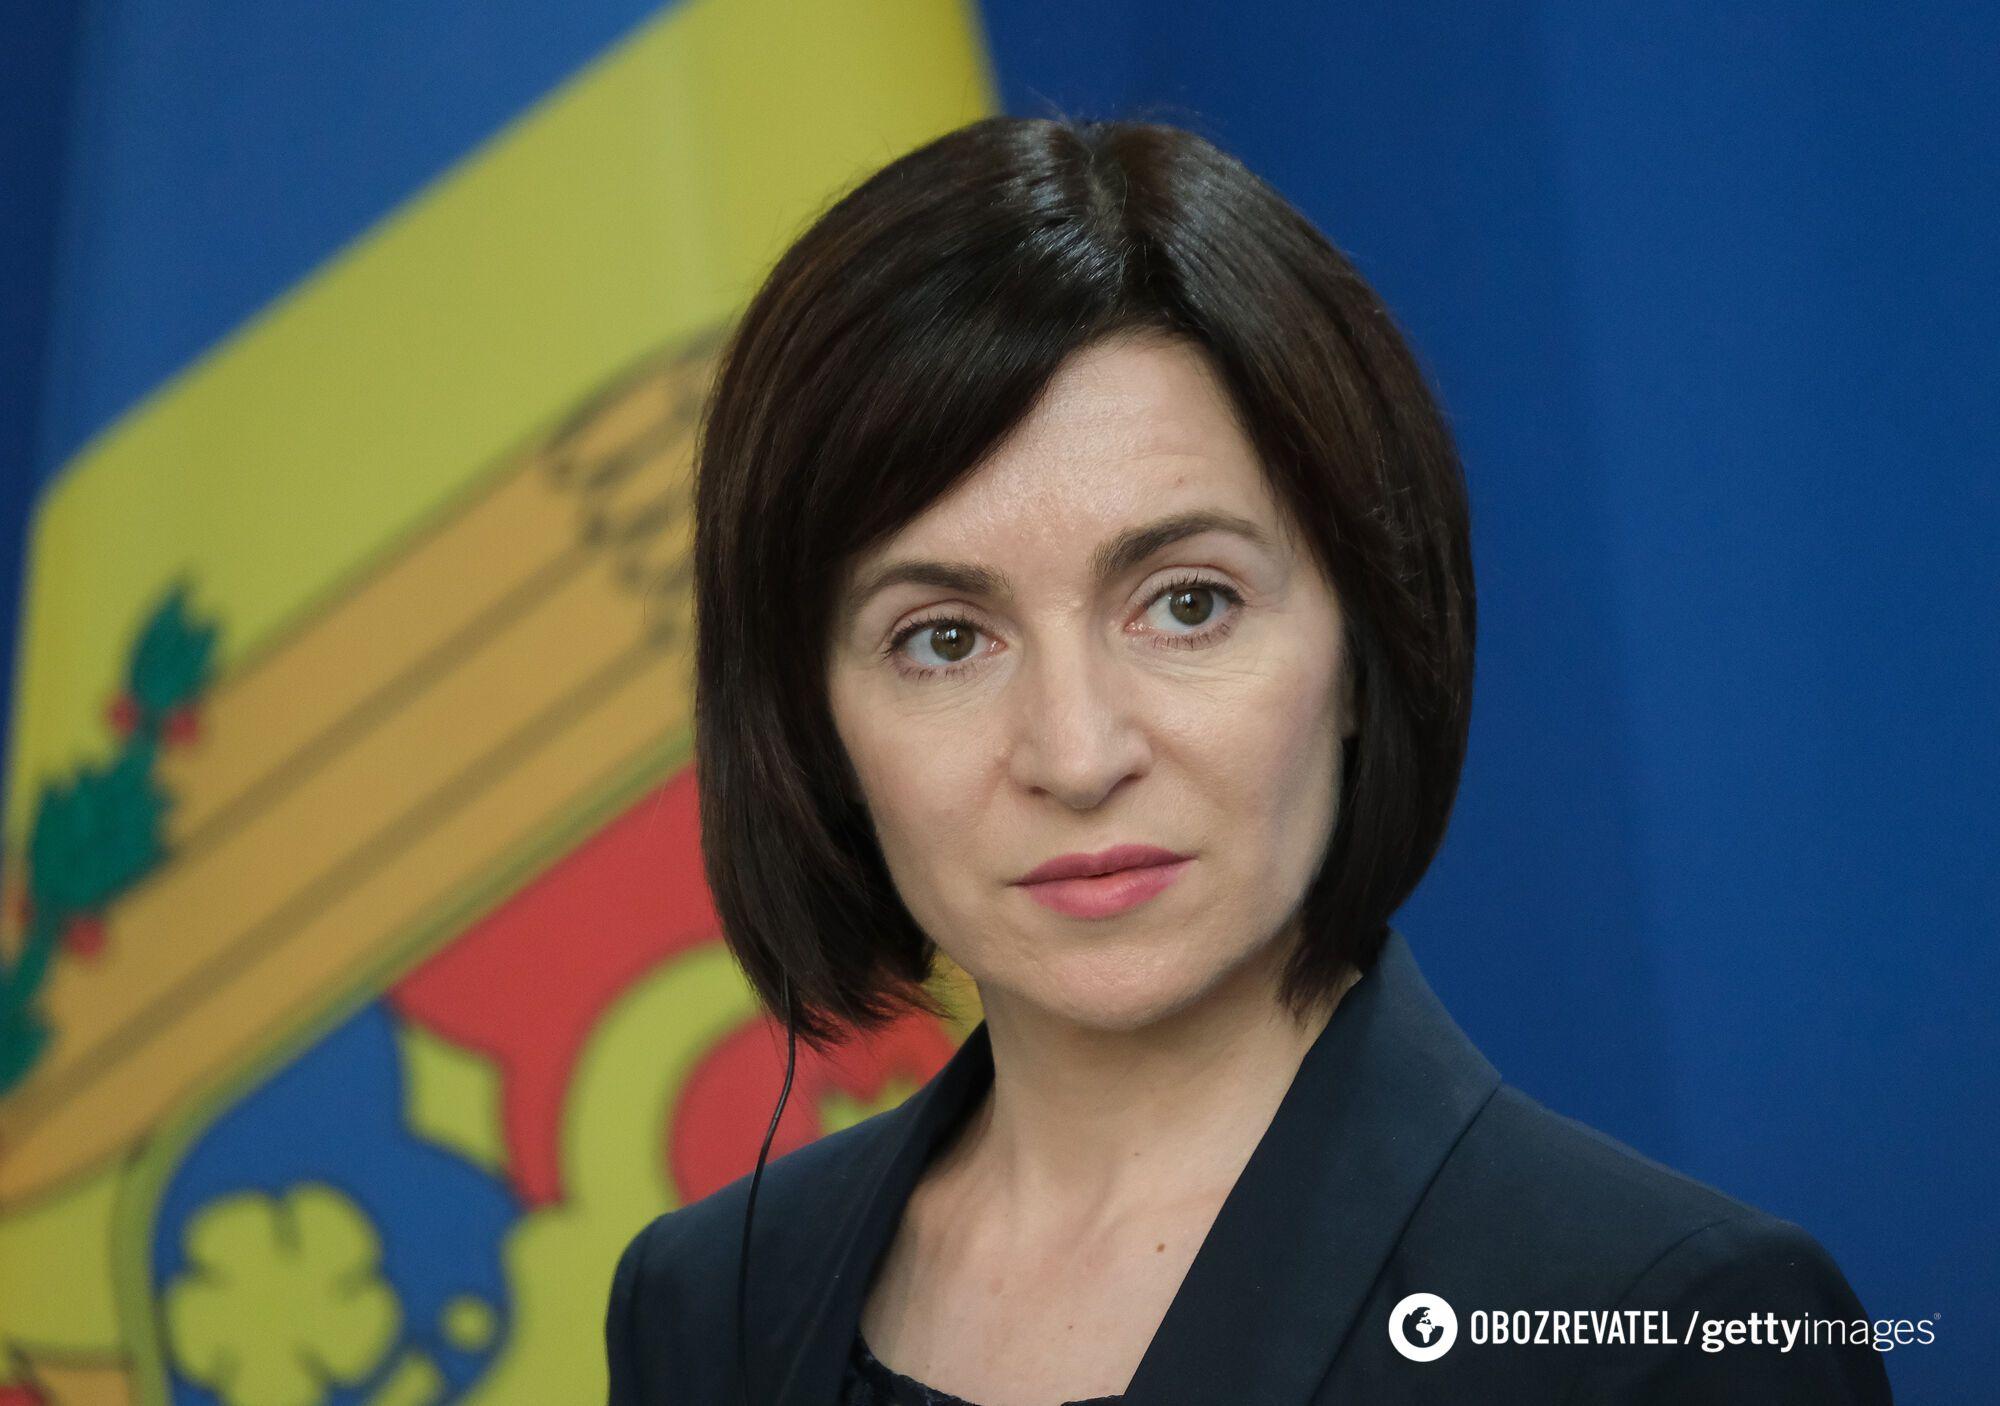 Санду: Я попросила Козака помочь завершить переговоры по газу